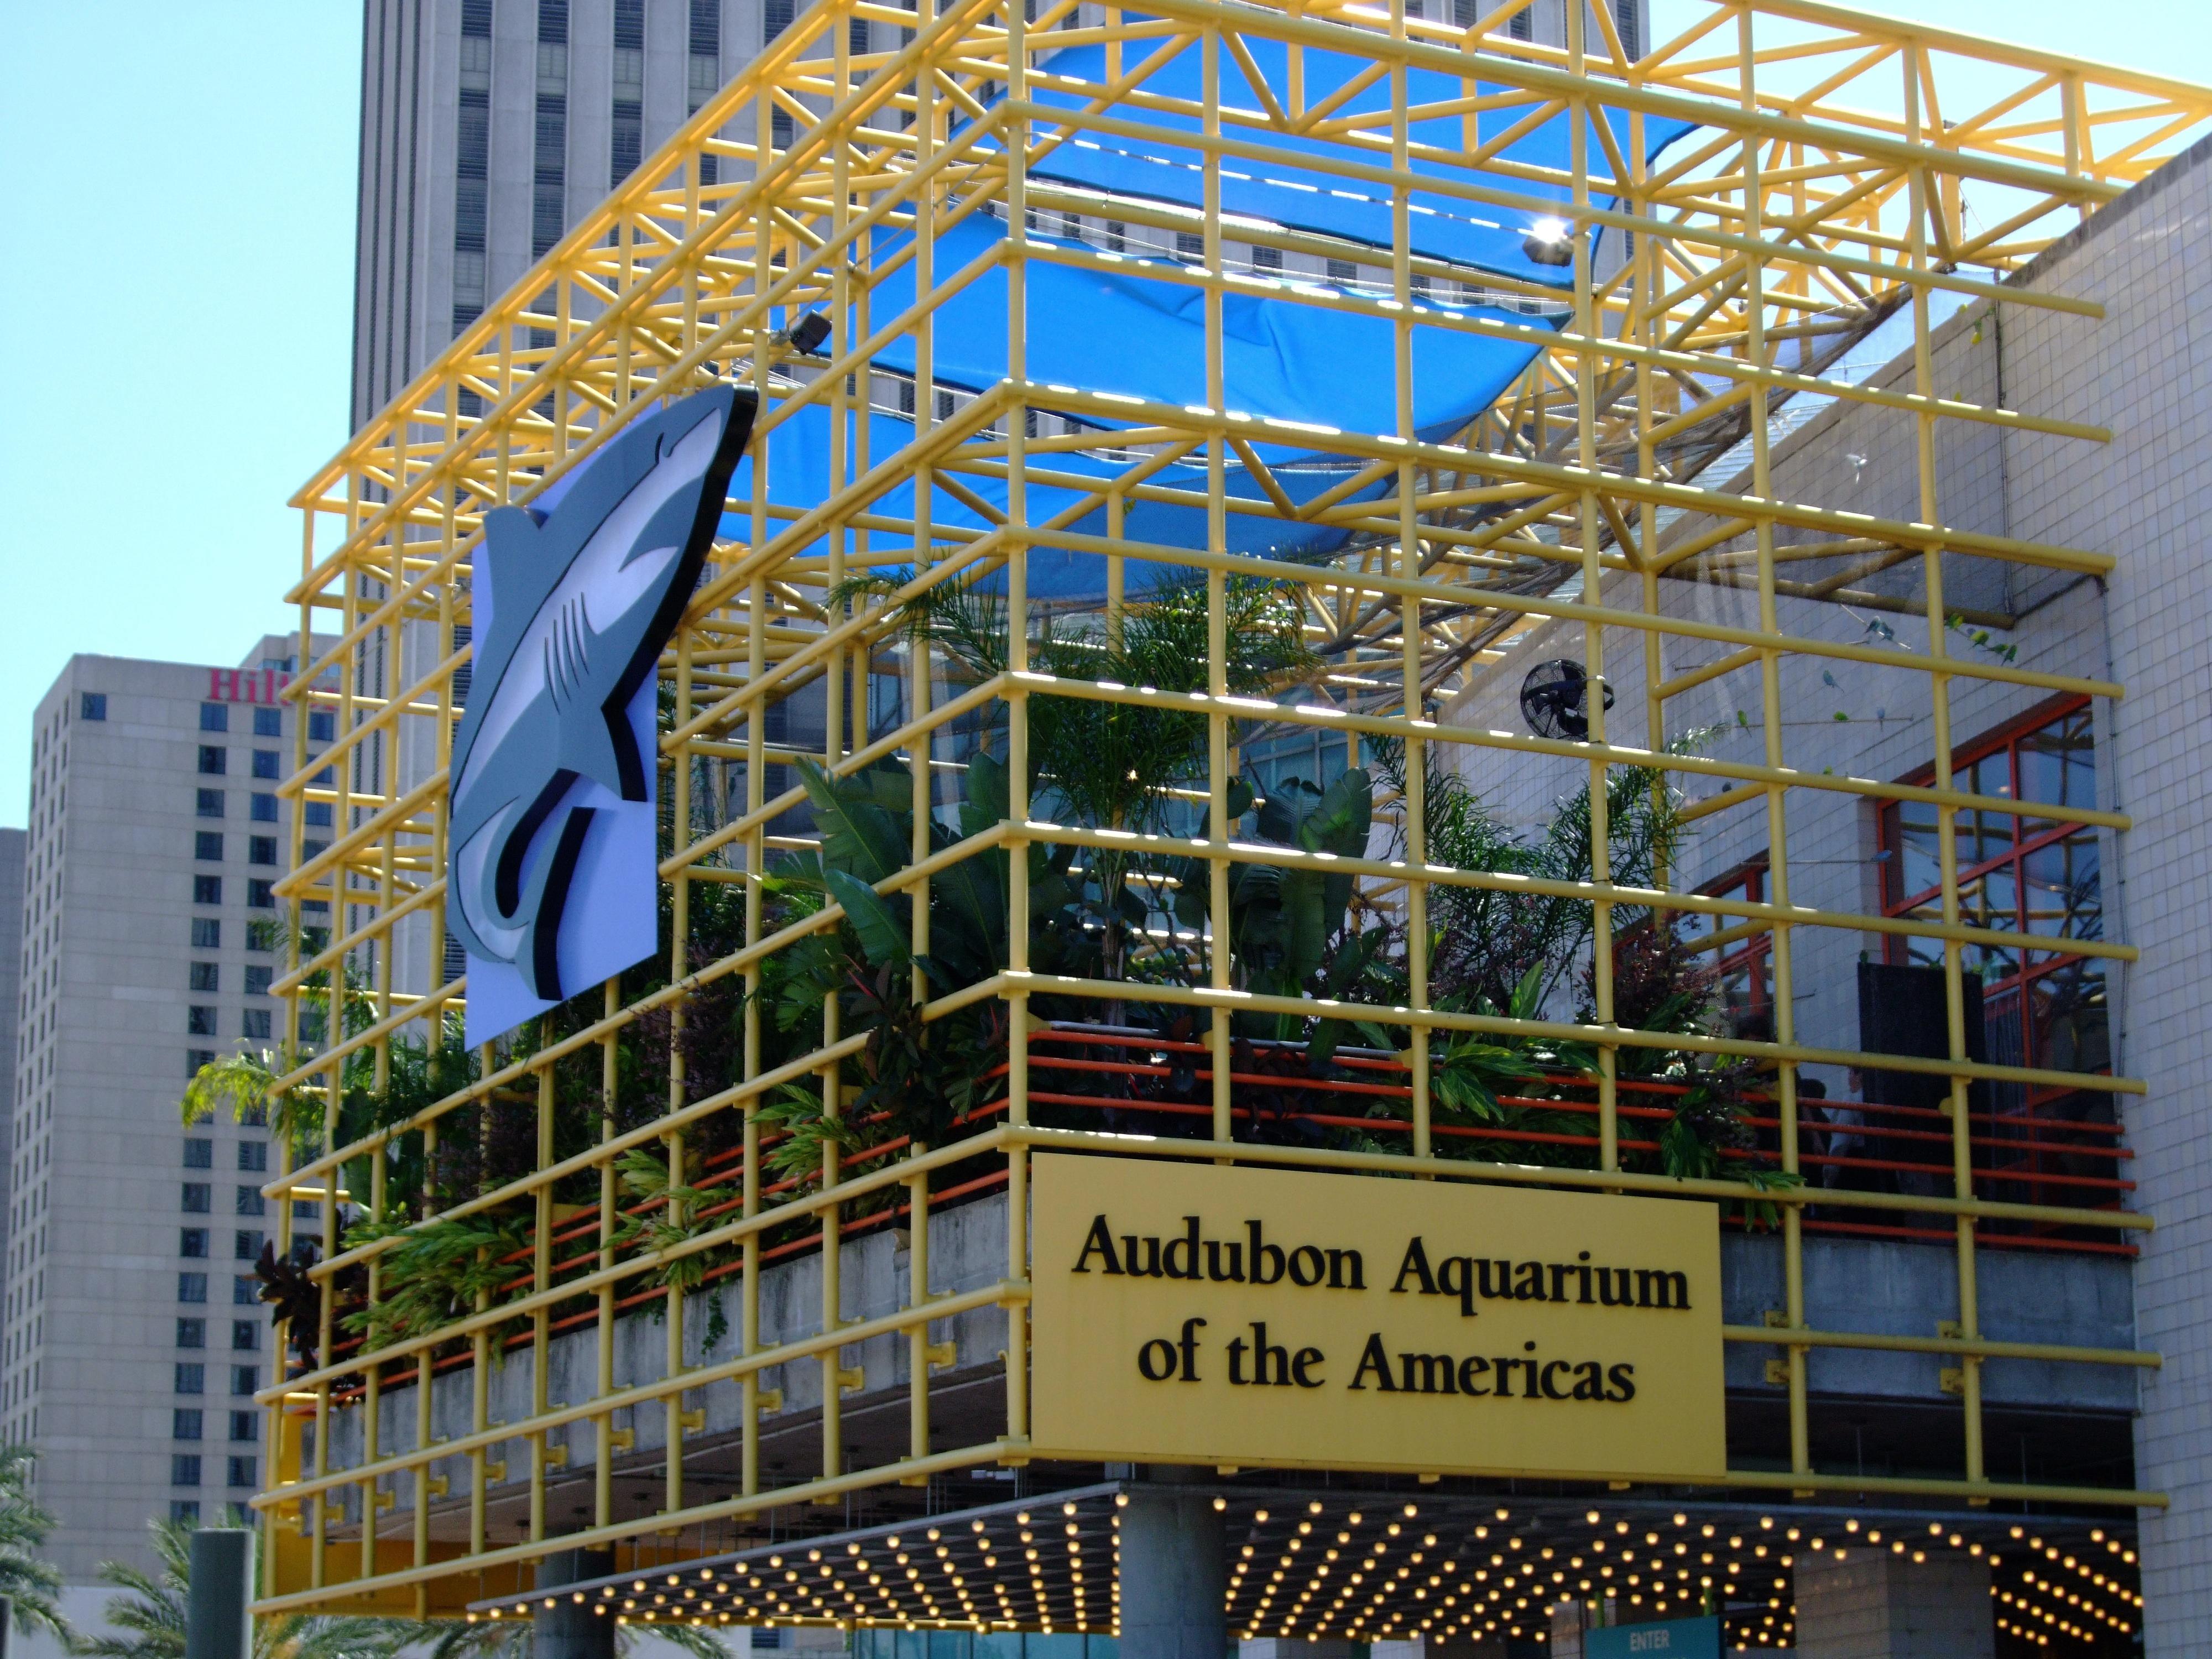 Aquarium of Americas